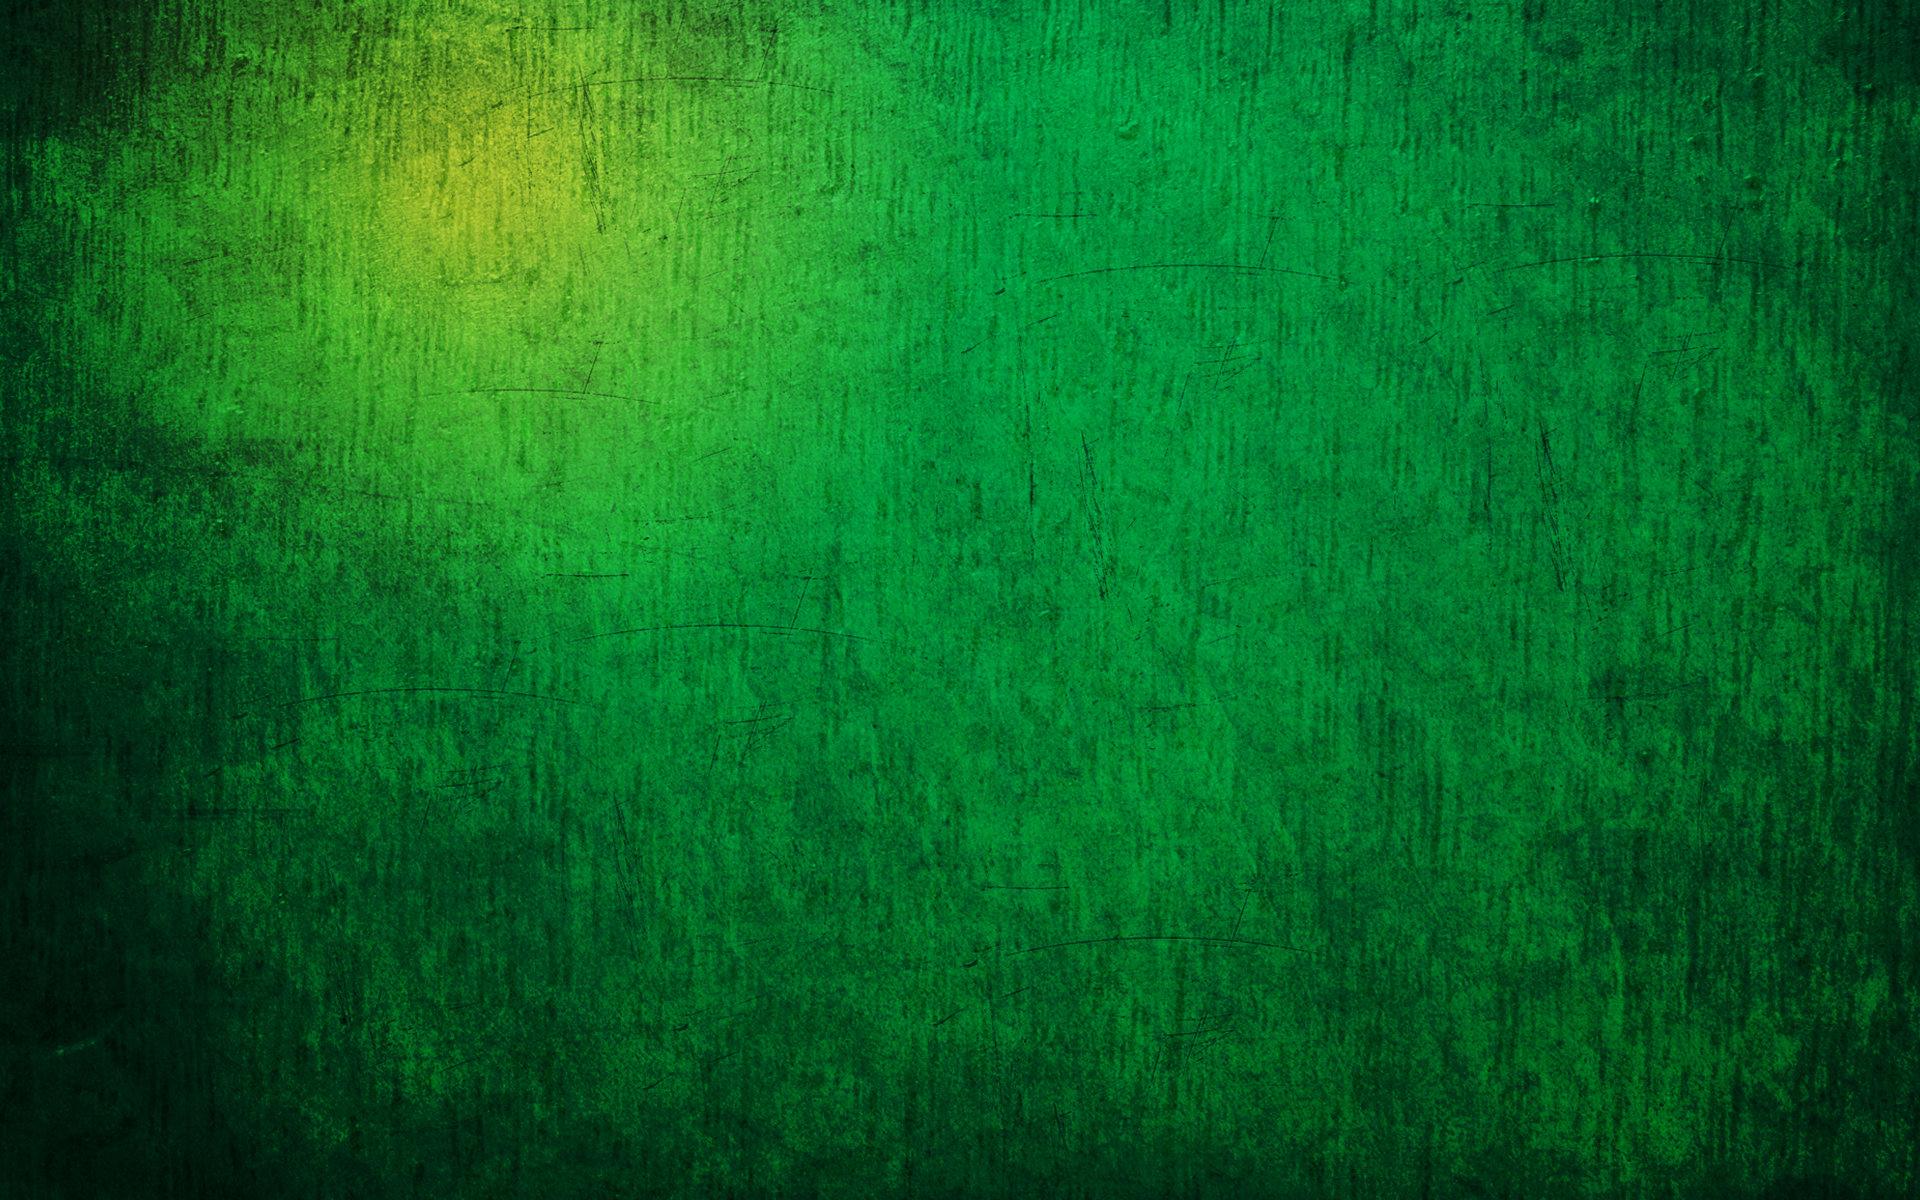 background green by dereque 1920x1200